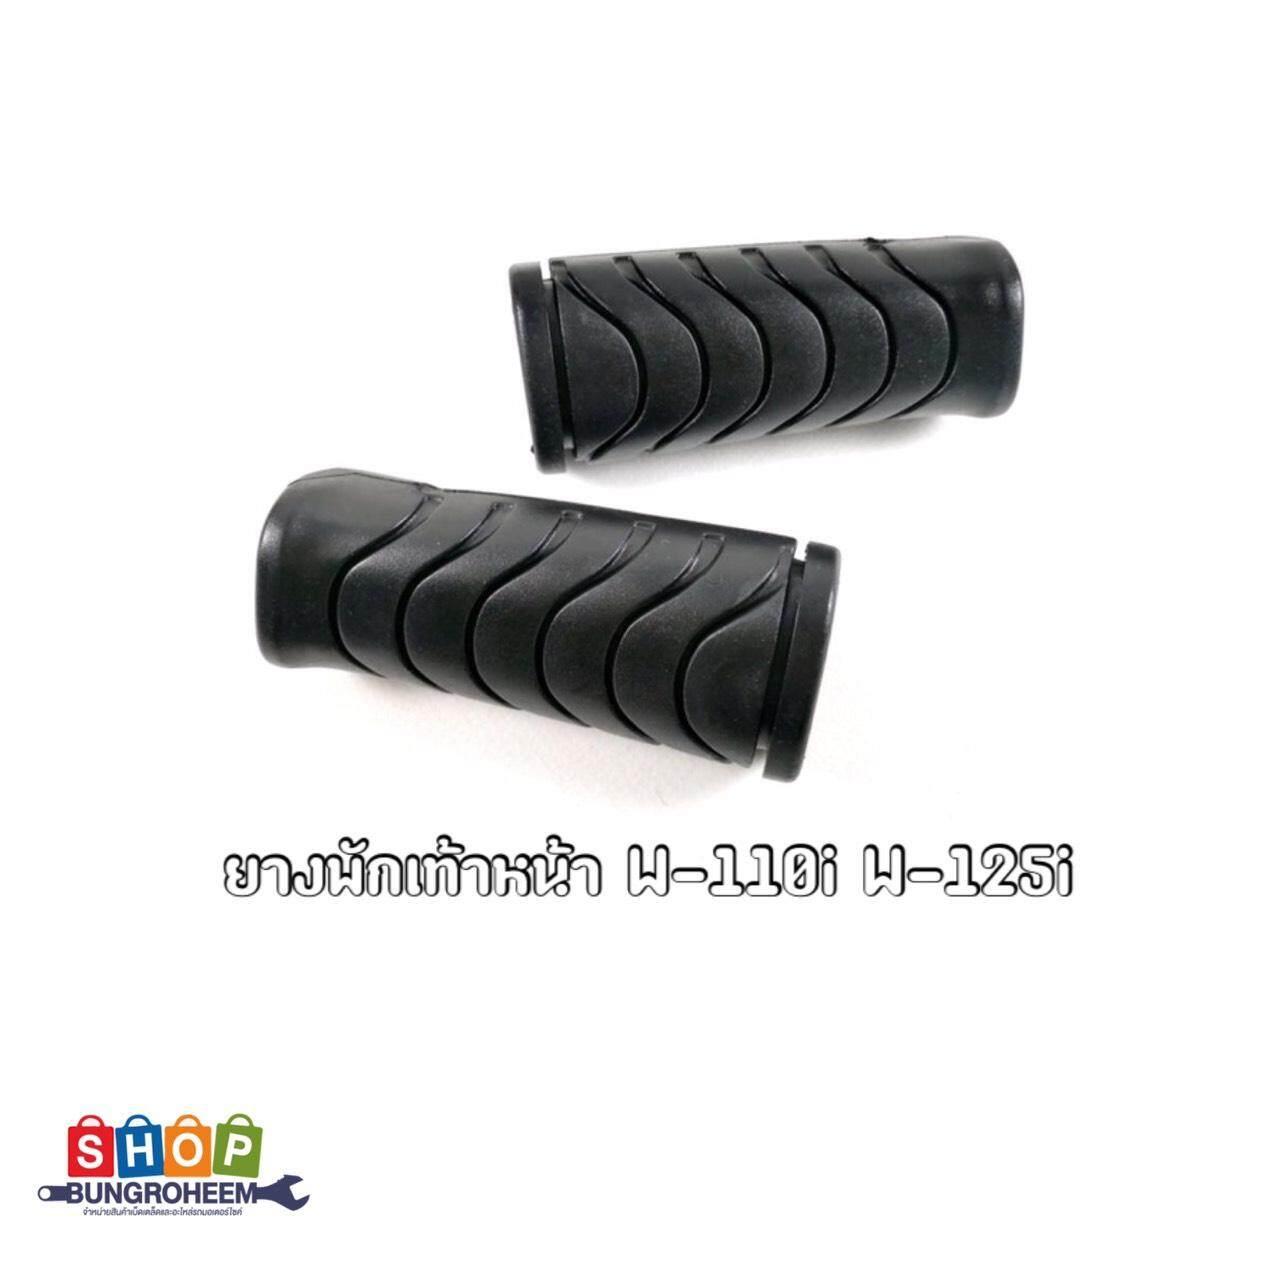 ยางพักเท้าหน้า Wave110i,wave125i สีดำ By Bung-Roheem.